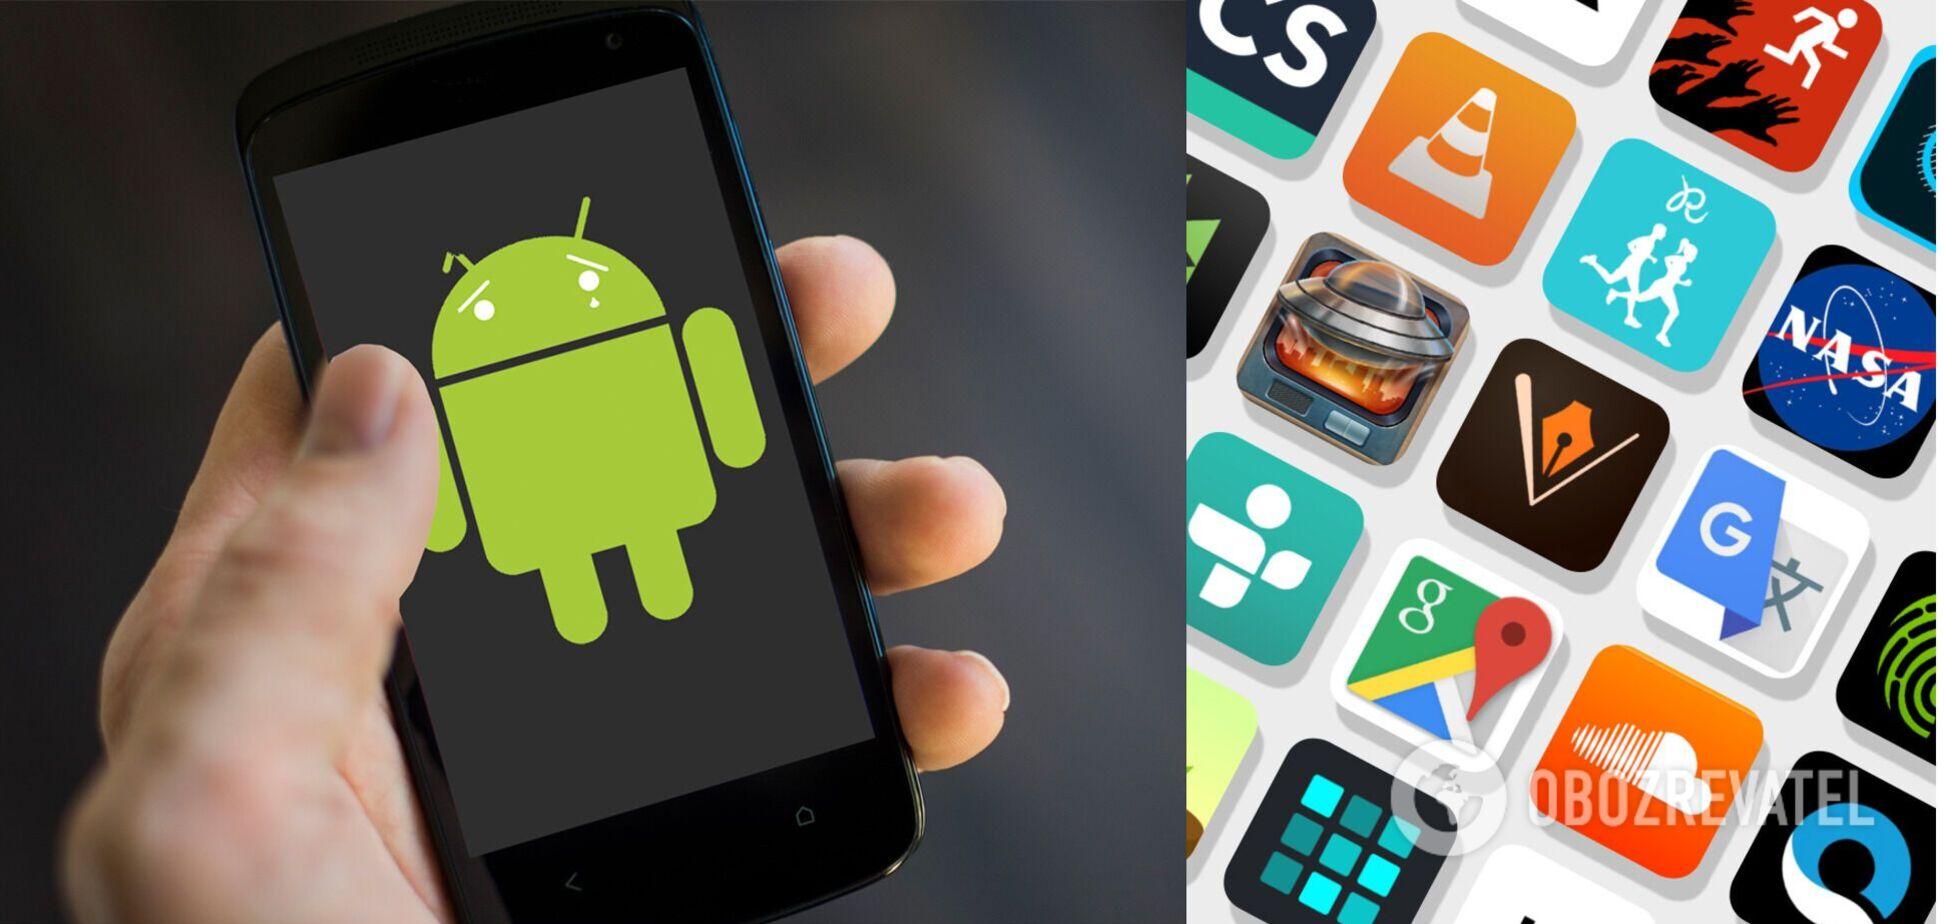 Експерт назвав додаток, який треба терміново видалити з Android